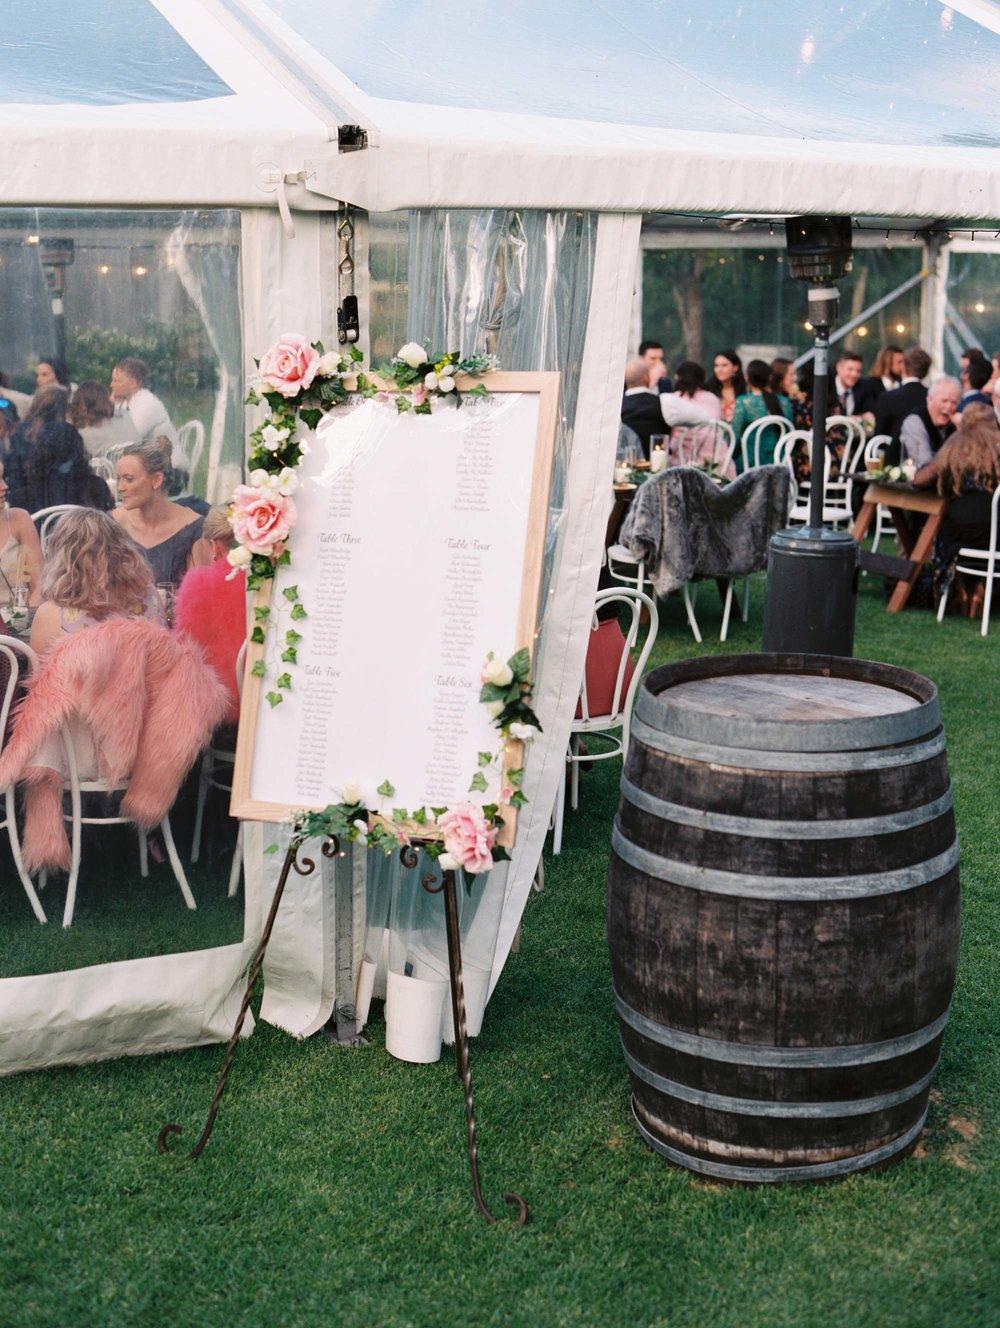 Whitehouse-hahndorf-wedding-photography-094.jpg